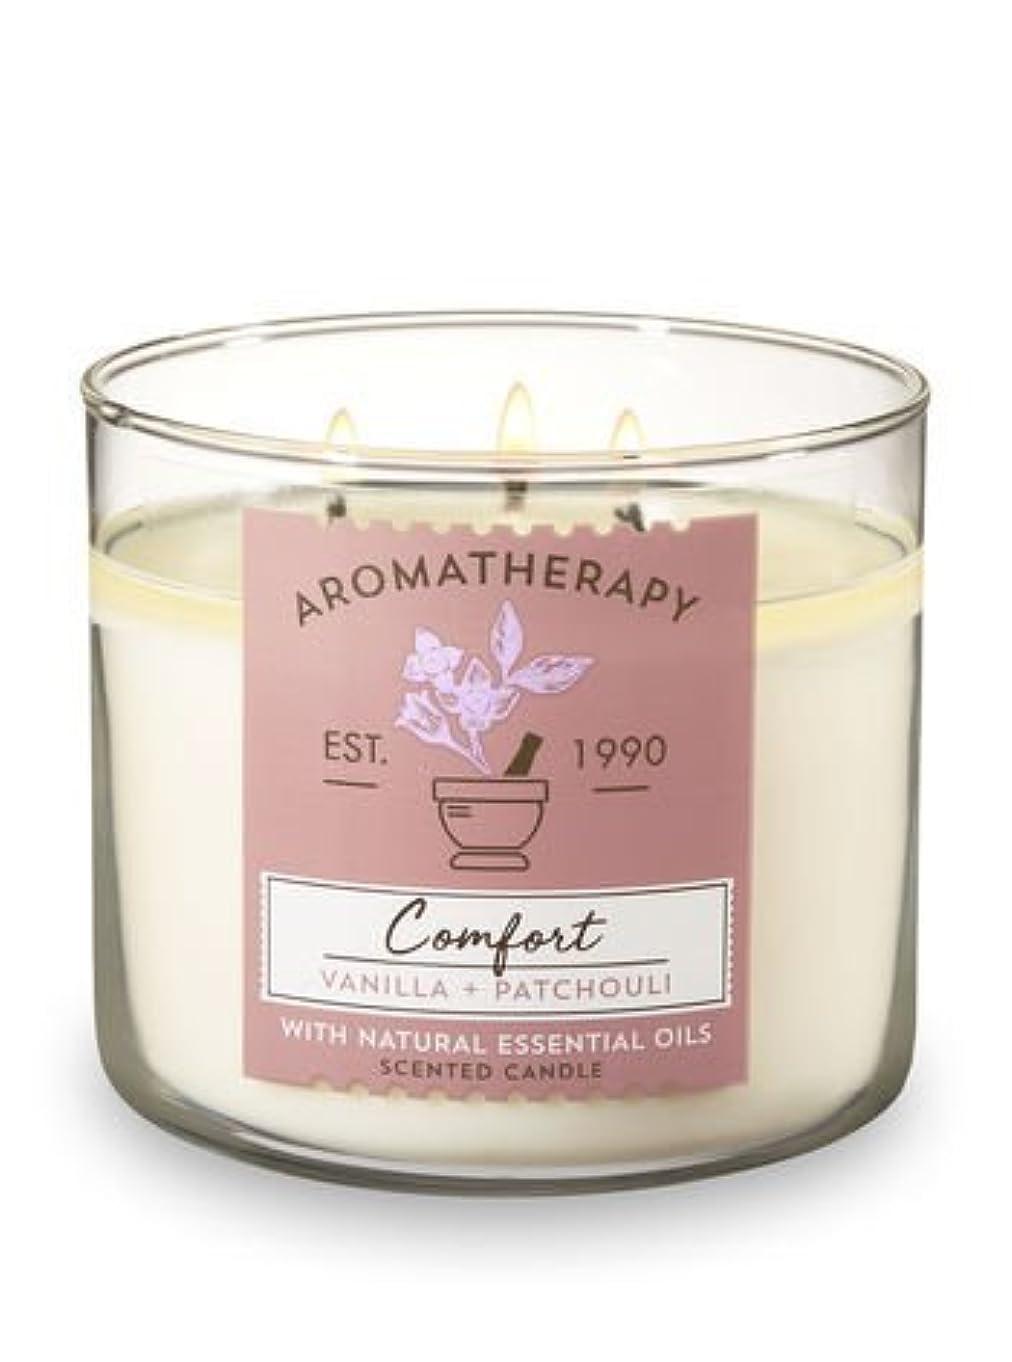 【Bath&Body Works/バス&ボディワークス】 アロマキャンドル アロマセラピー コンフォート バニラパチョリ Aromatherapy 3-Wick Scented Candle Comfort Vanill...